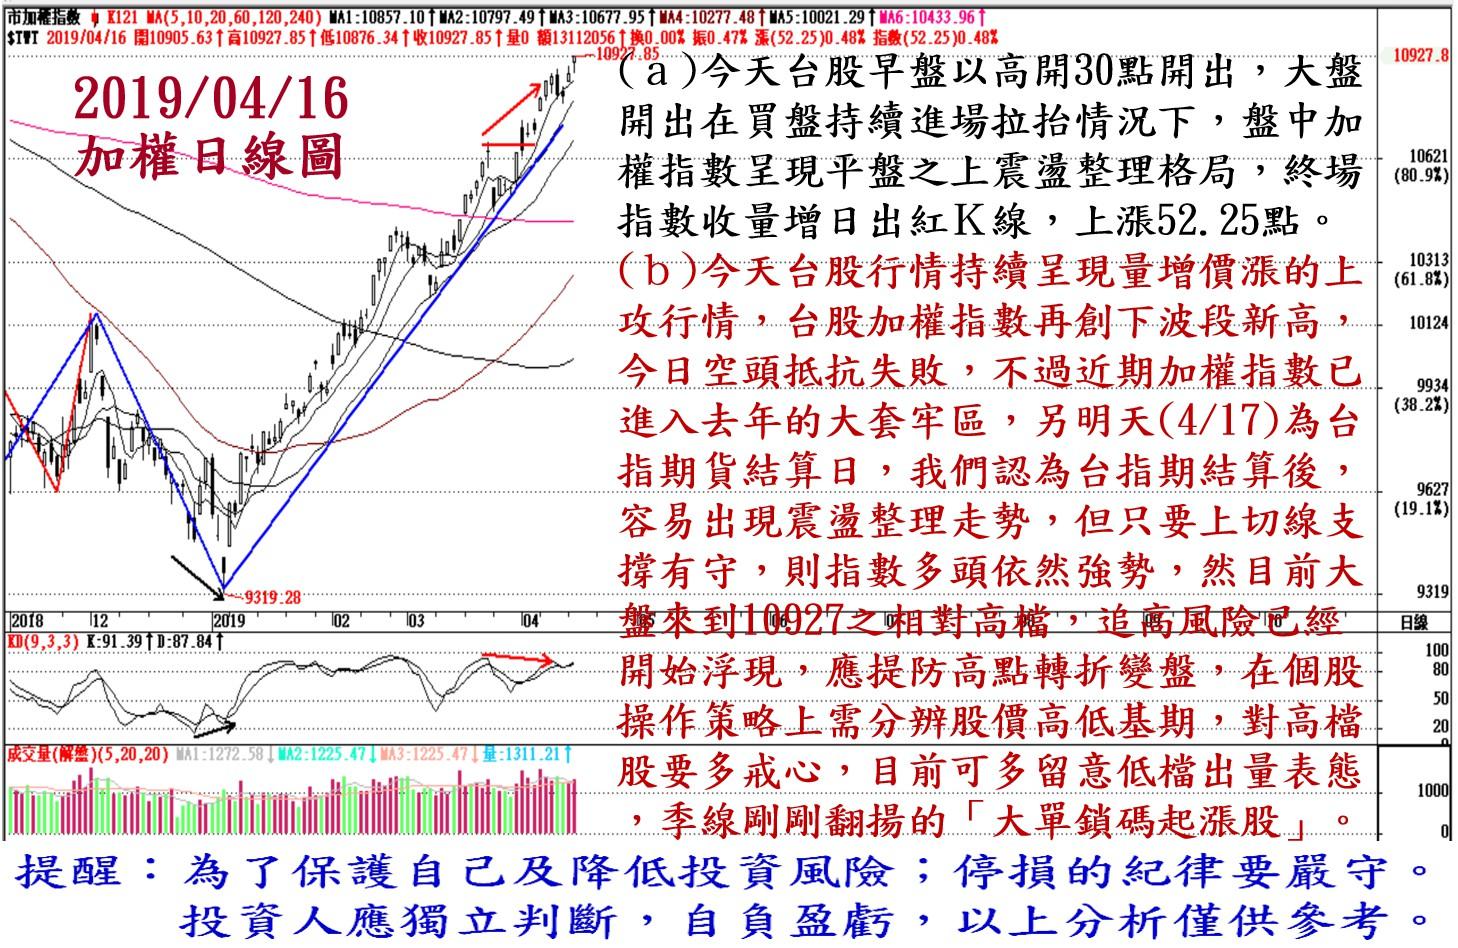 2019年4月16日台股大盤解析